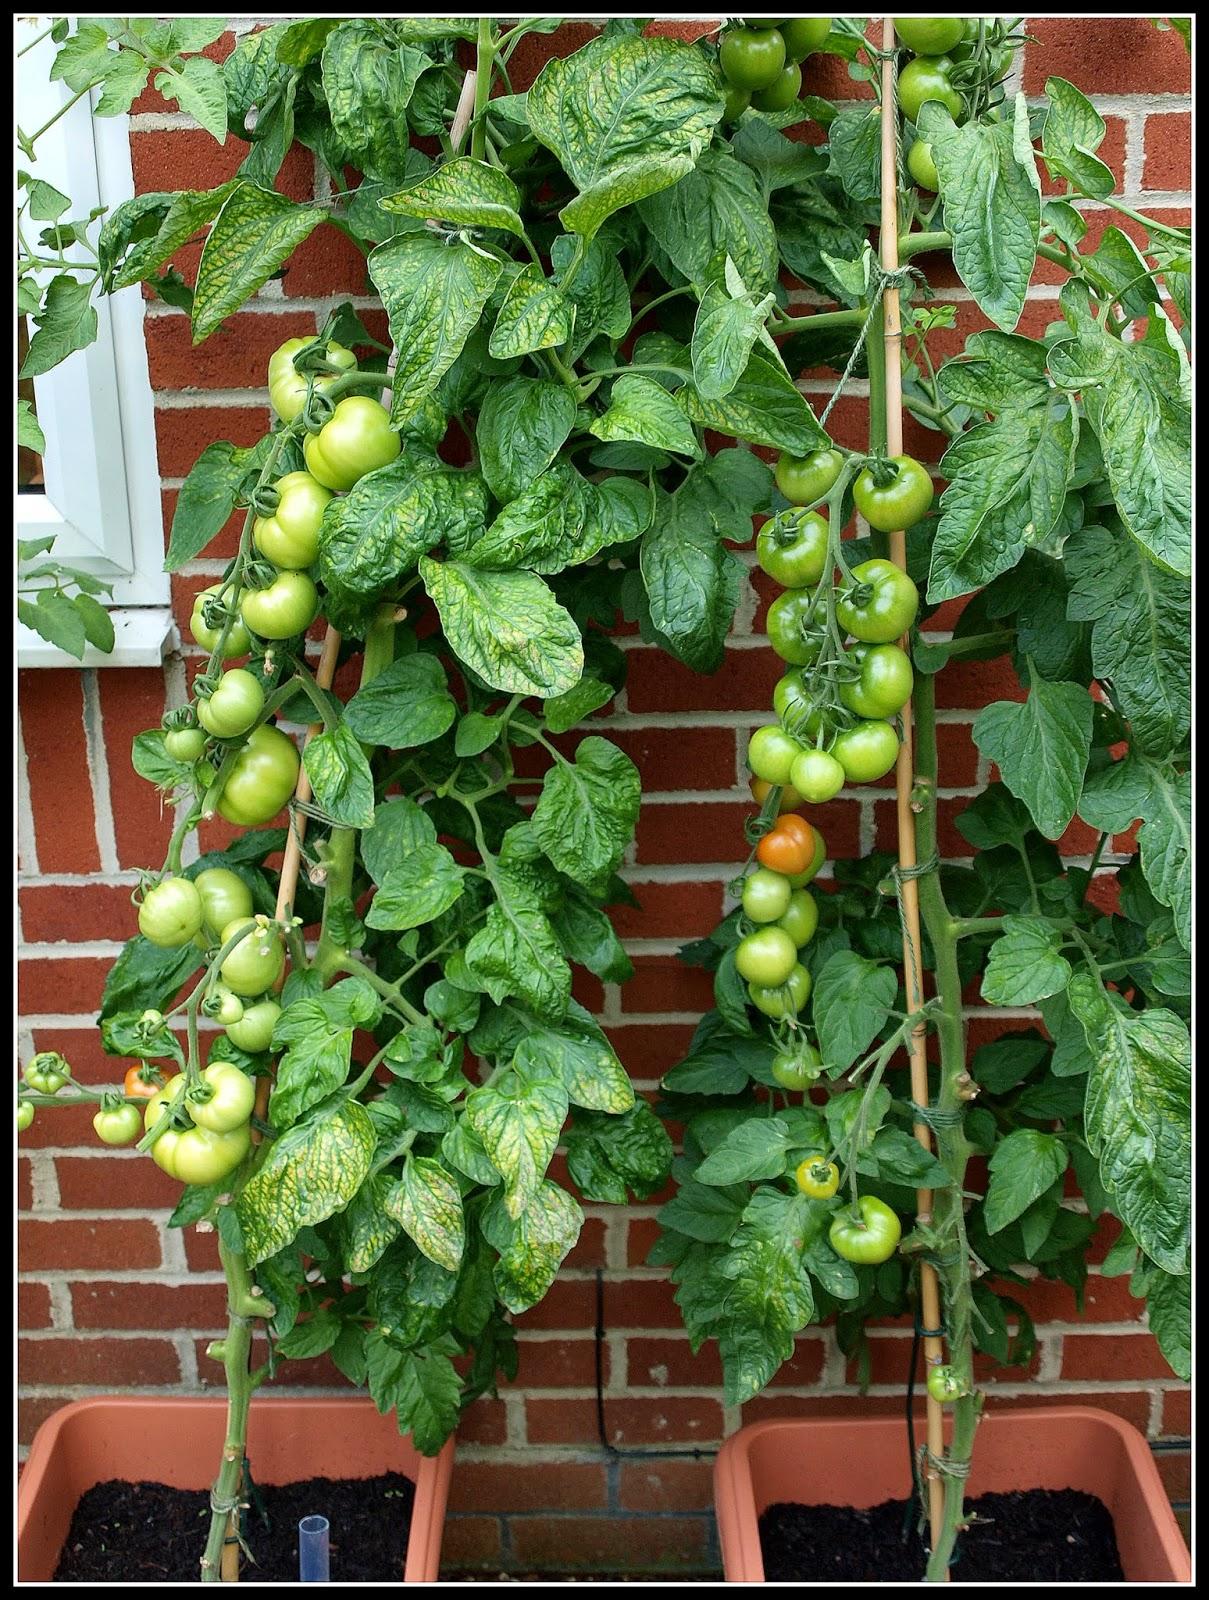 Mark's Veg Plot: I'm harvesting tomatoes